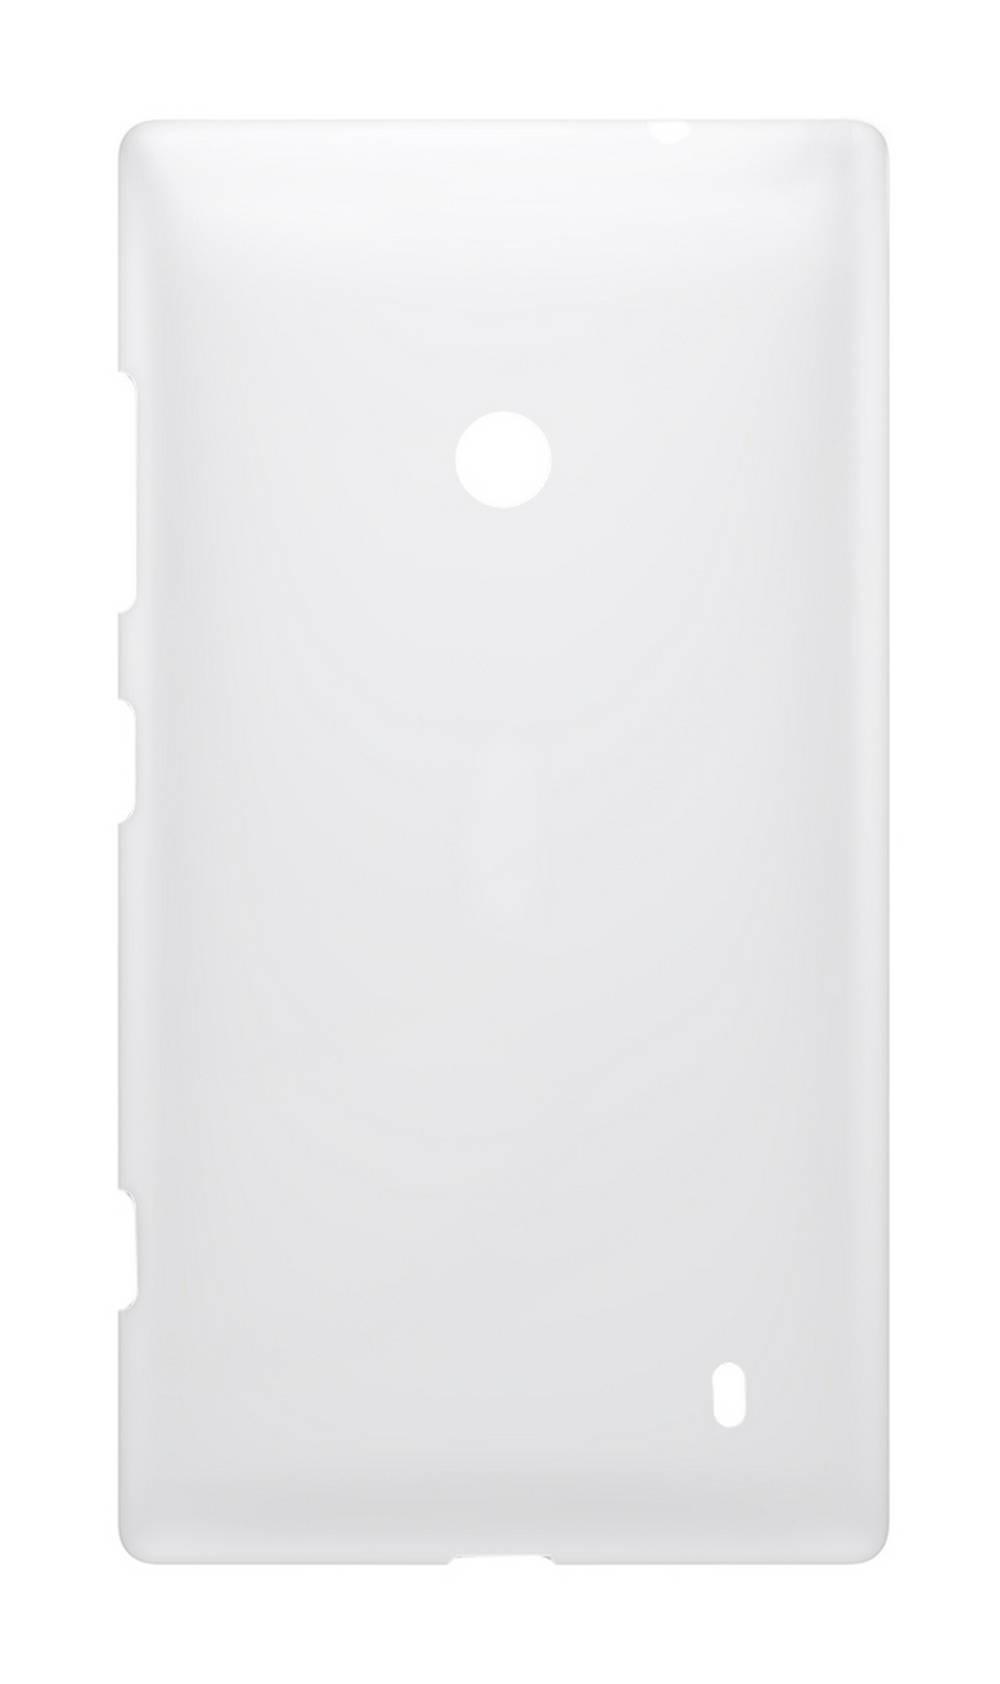 Καπάκι Μπαταρίας Nokia Lumia 520/525 Λευκό Swap με Εξωτερικά Πλαϊνά Πλήκτρα